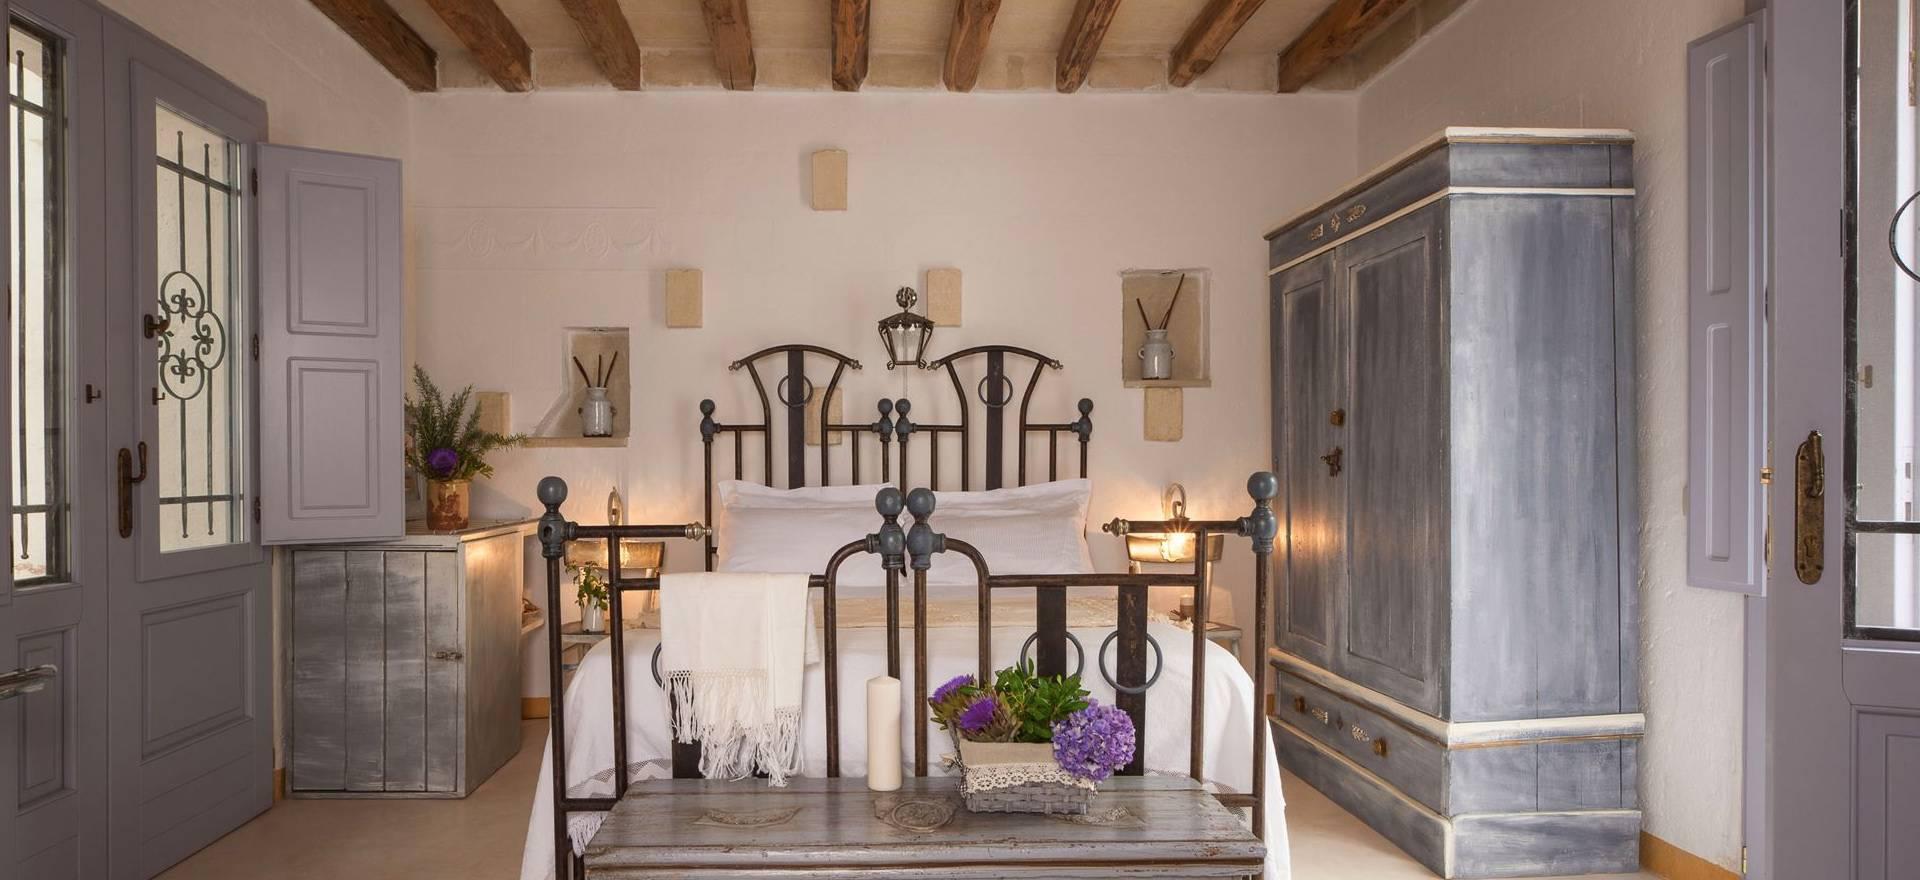 Agriturismo Puglia Agriturismo Puglia with unique design interior